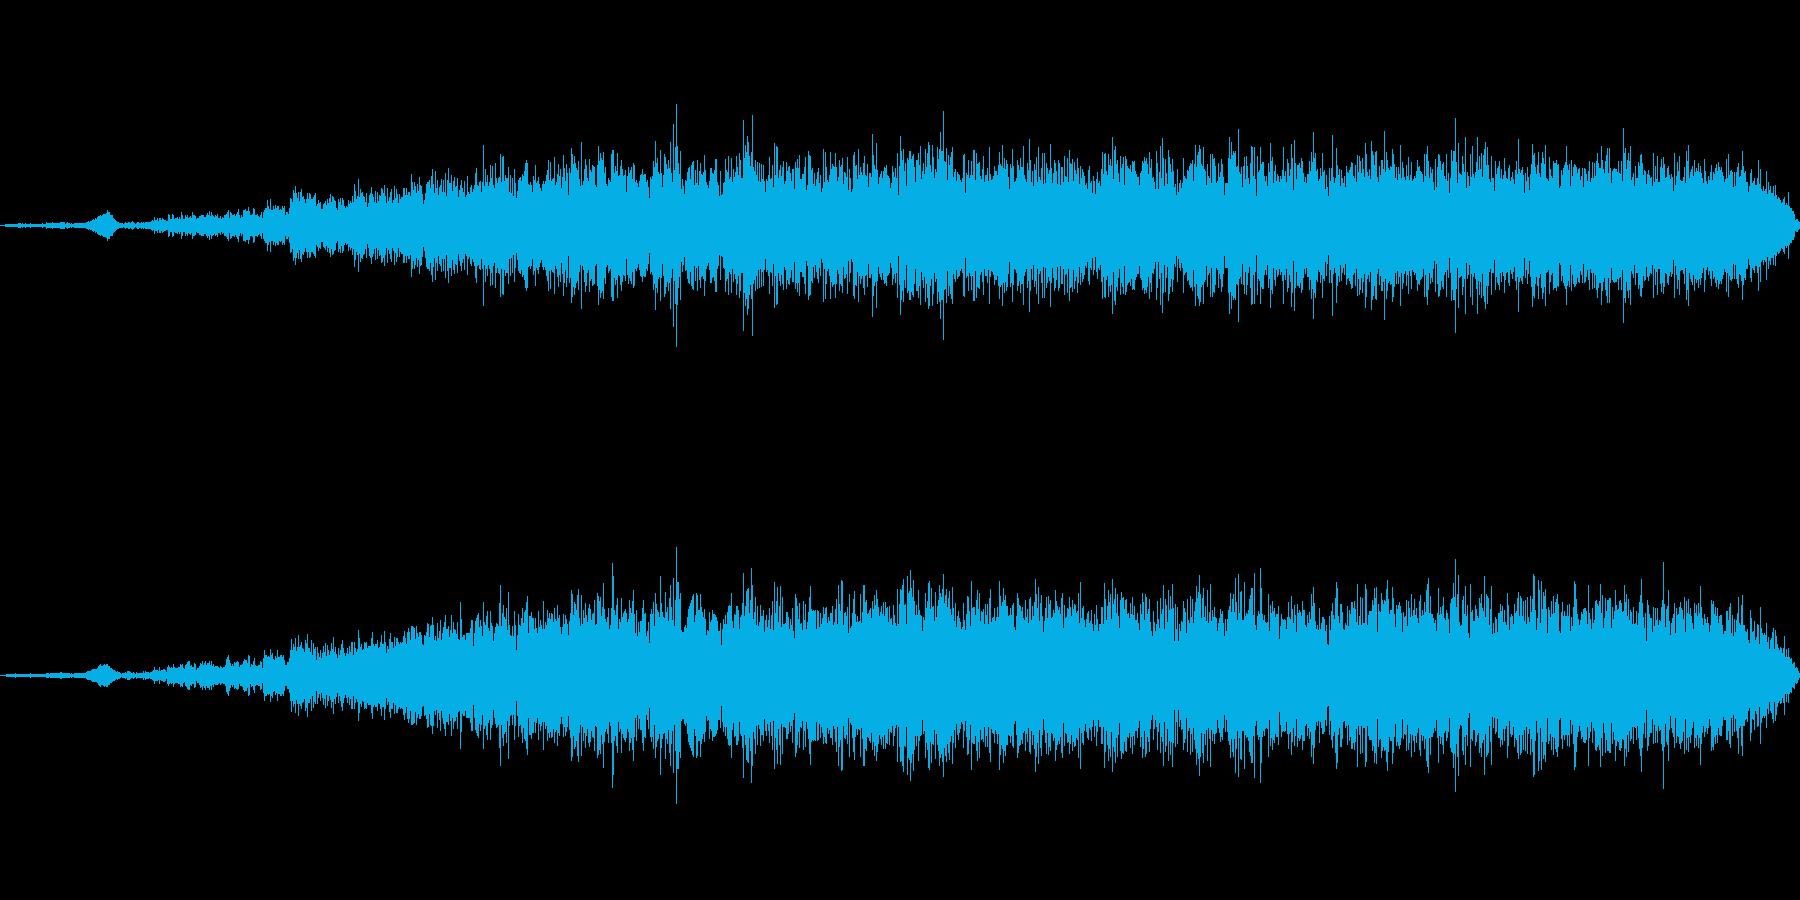 大きめのファンが回転するイメージの音の再生済みの波形